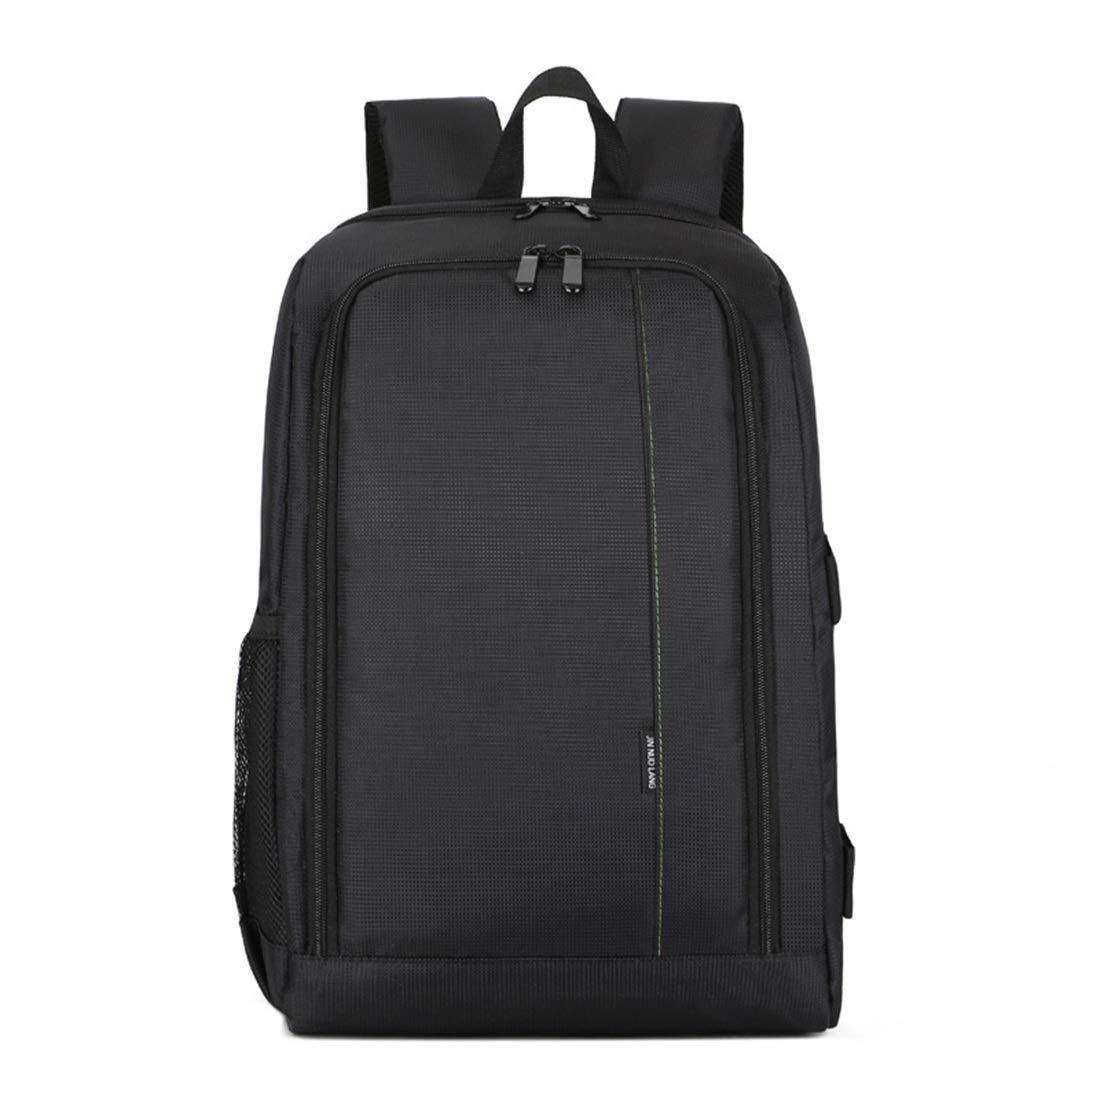 SLRのカメラの袋の肩の屋外の写真袋専門の防水ウェアラブルの袋、レンズおよび付属品 KAKACITY (色 : オレンジ) B07S9VW4LY